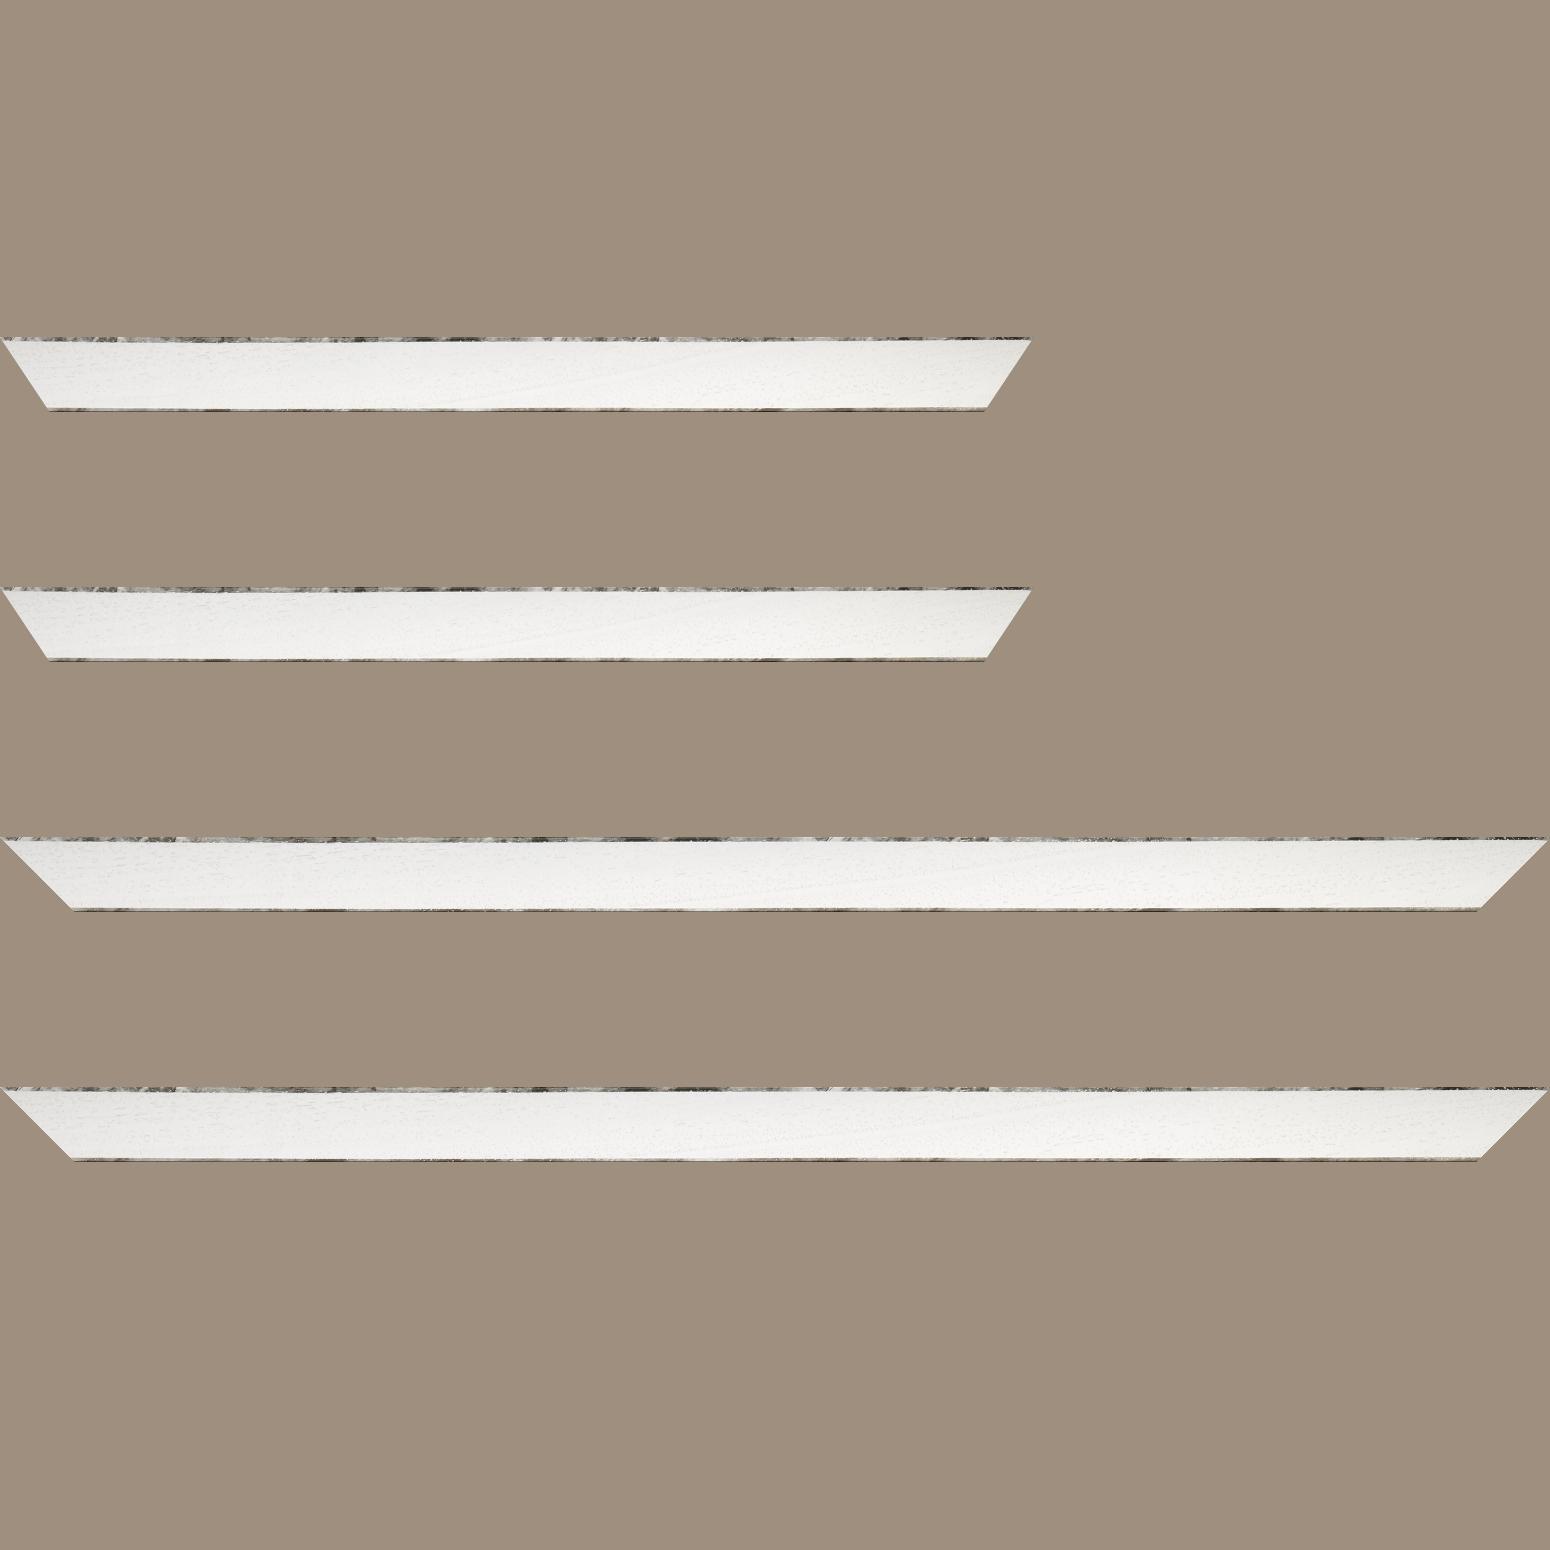 Baguette service précoupé Bois profil concave largeur 2.4cm couleur blanc satiné arêtes essuyés noircies de chaque coté